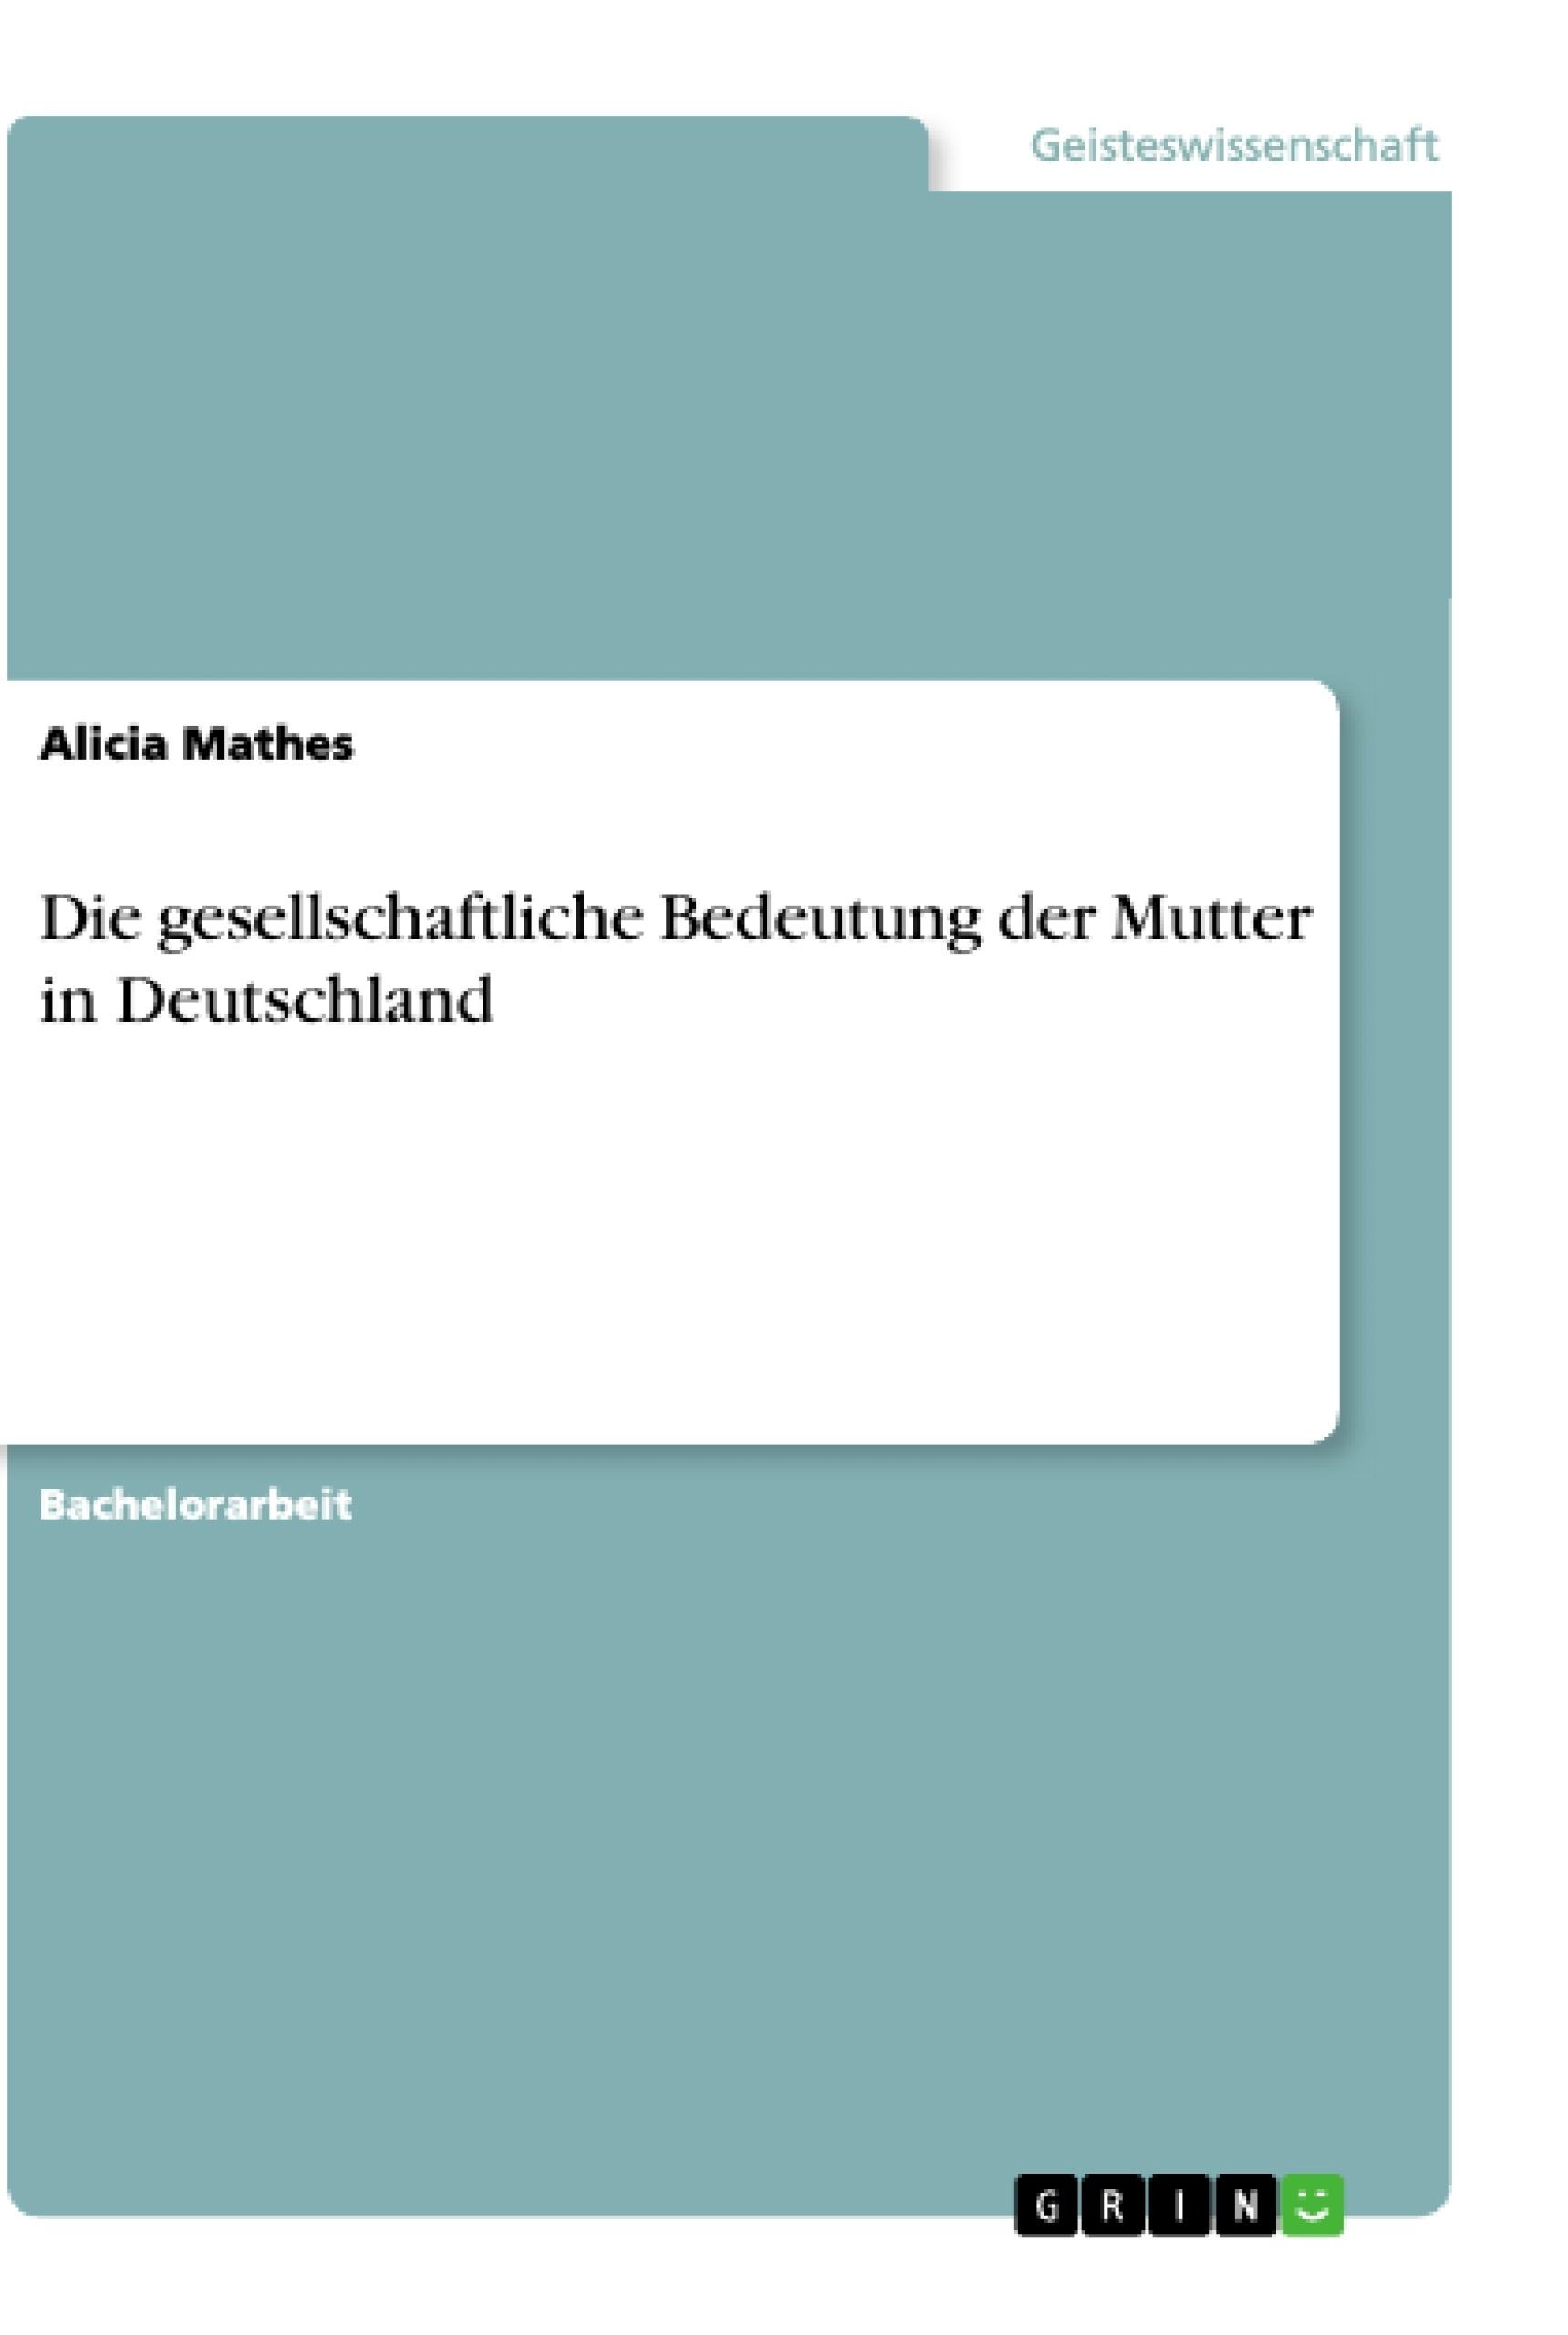 Titel: Die gesellschaftliche Bedeutung der Mutter in Deutschland